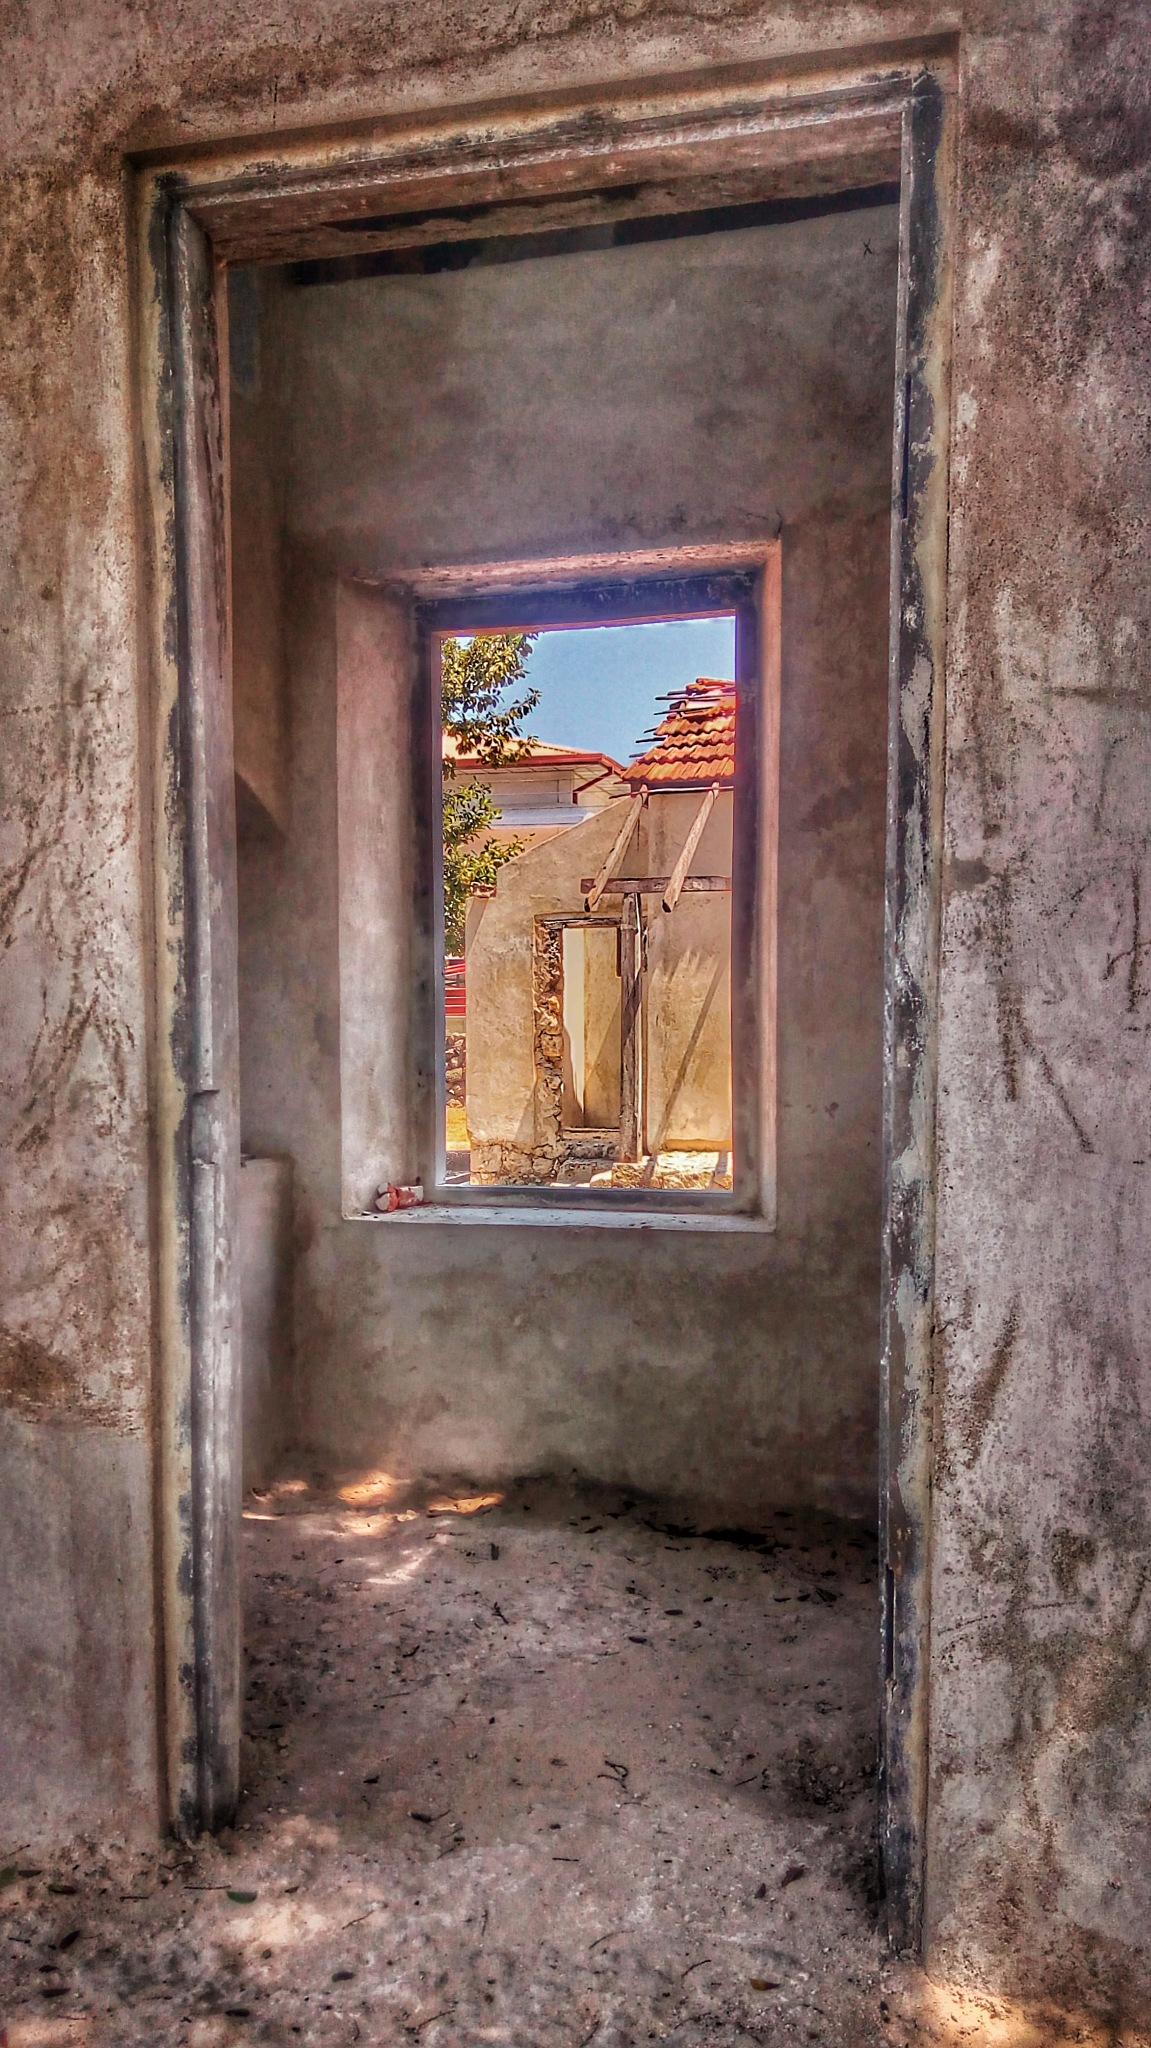 Frames everywhere by Aanjelo Salgado